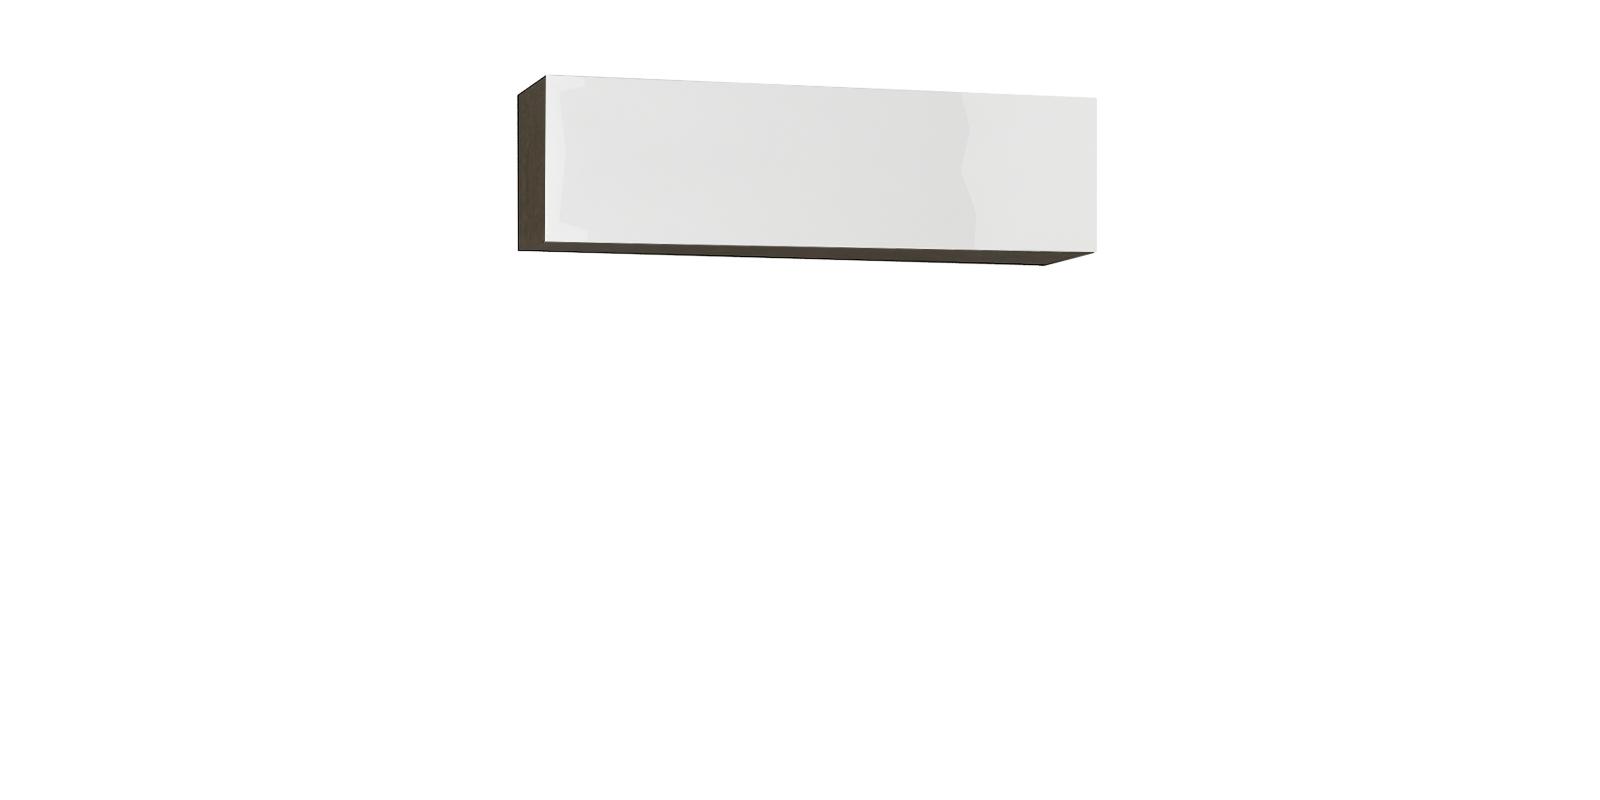 Шкаф навесной Верона 120 см (венгебелый глянец)